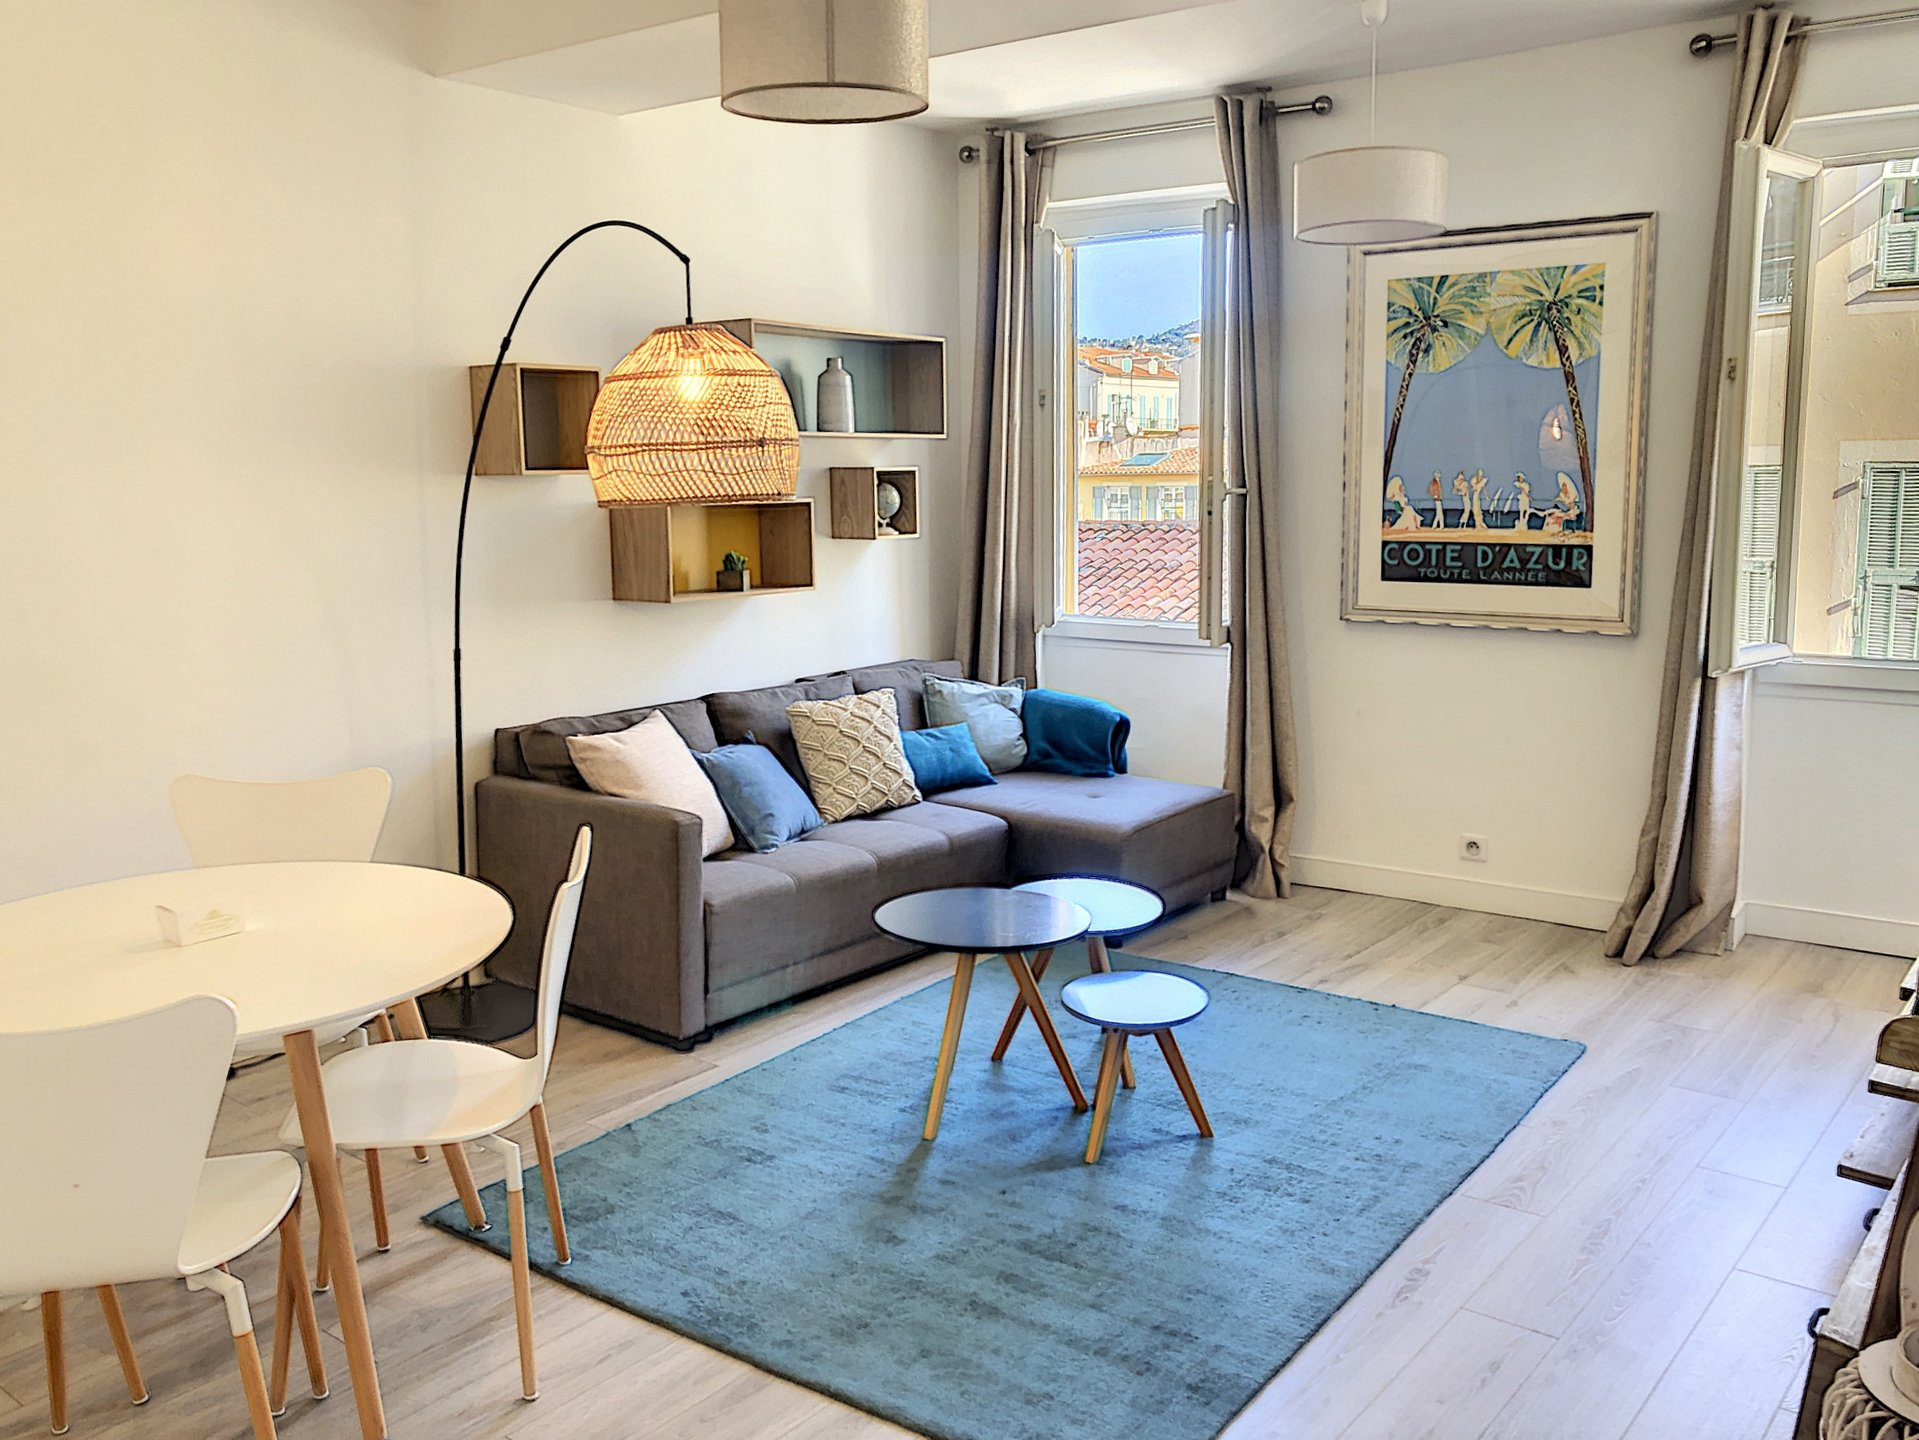 Appartement 2 pièces 44m² - NICE Carré d'or -